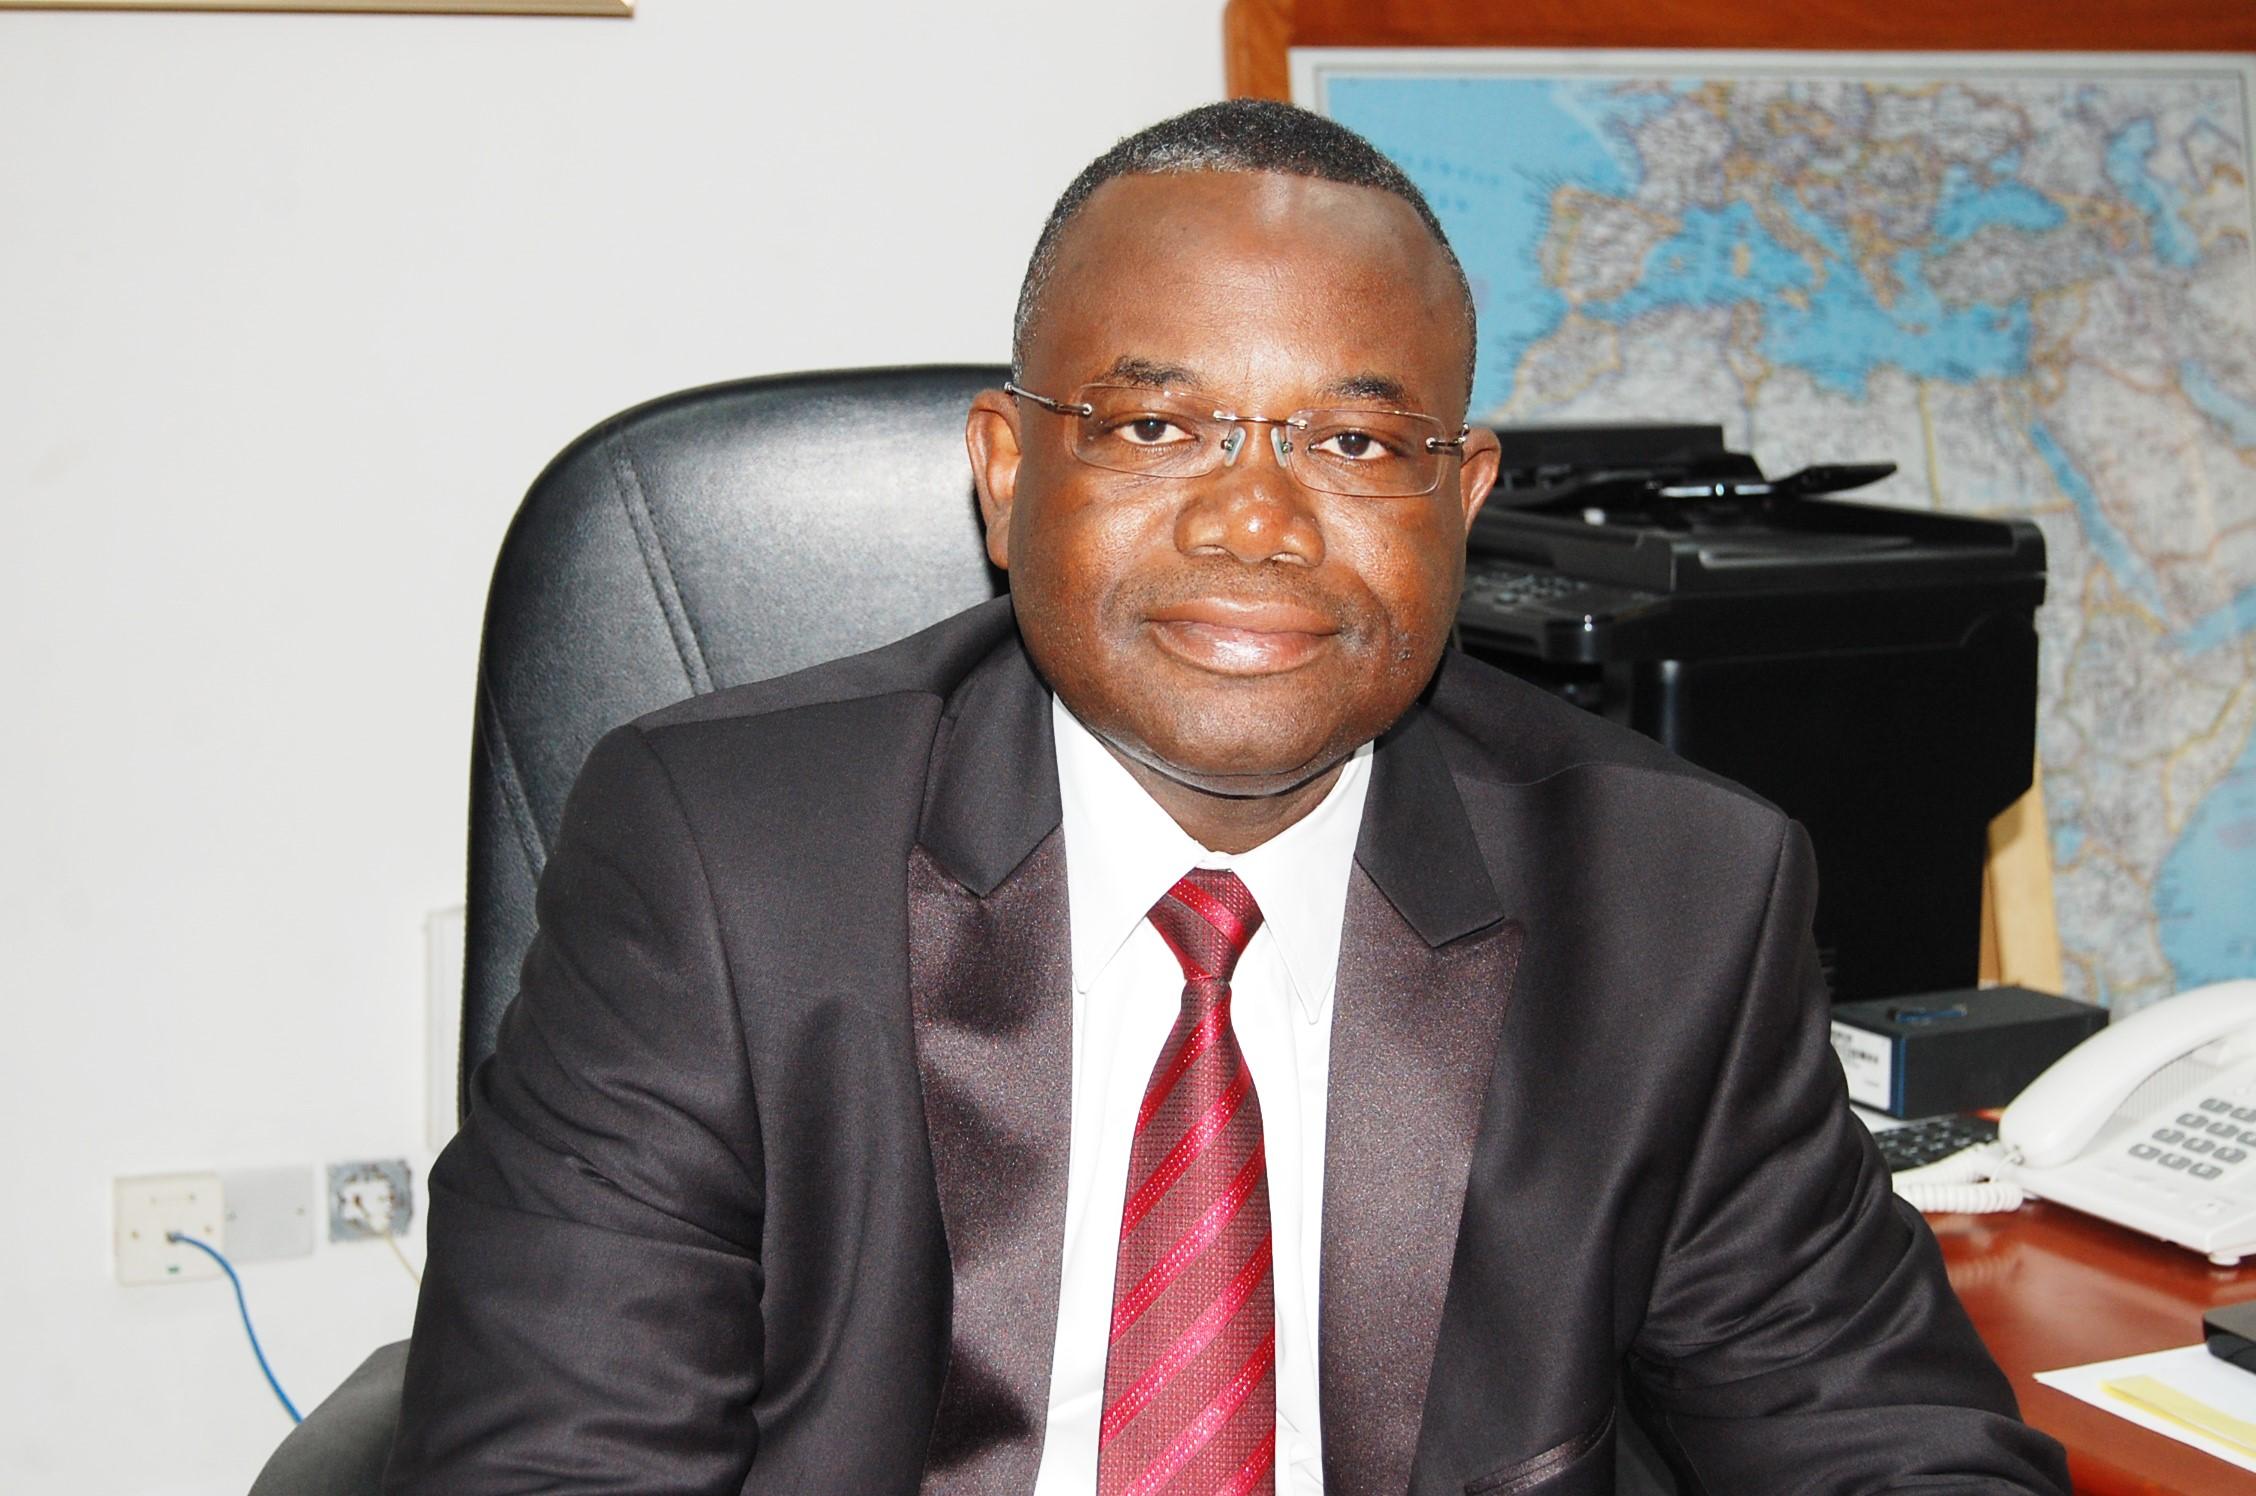 Secteur énergétique : Le Bénin signe d'importants contrats avec la firme Total, la France et l'Union Européenne